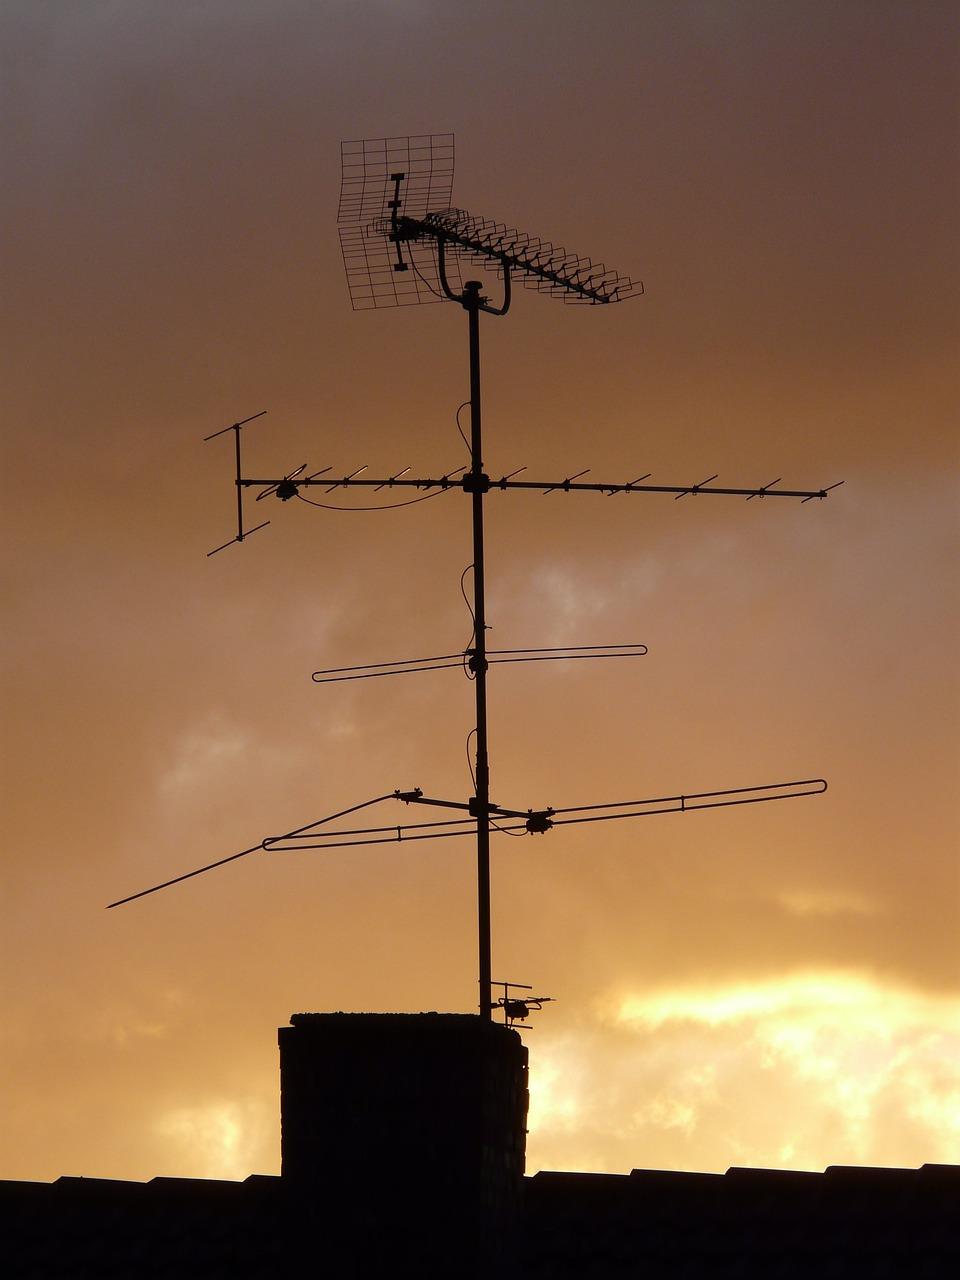 картинки крыш домов с антеннами хорошо этом райском